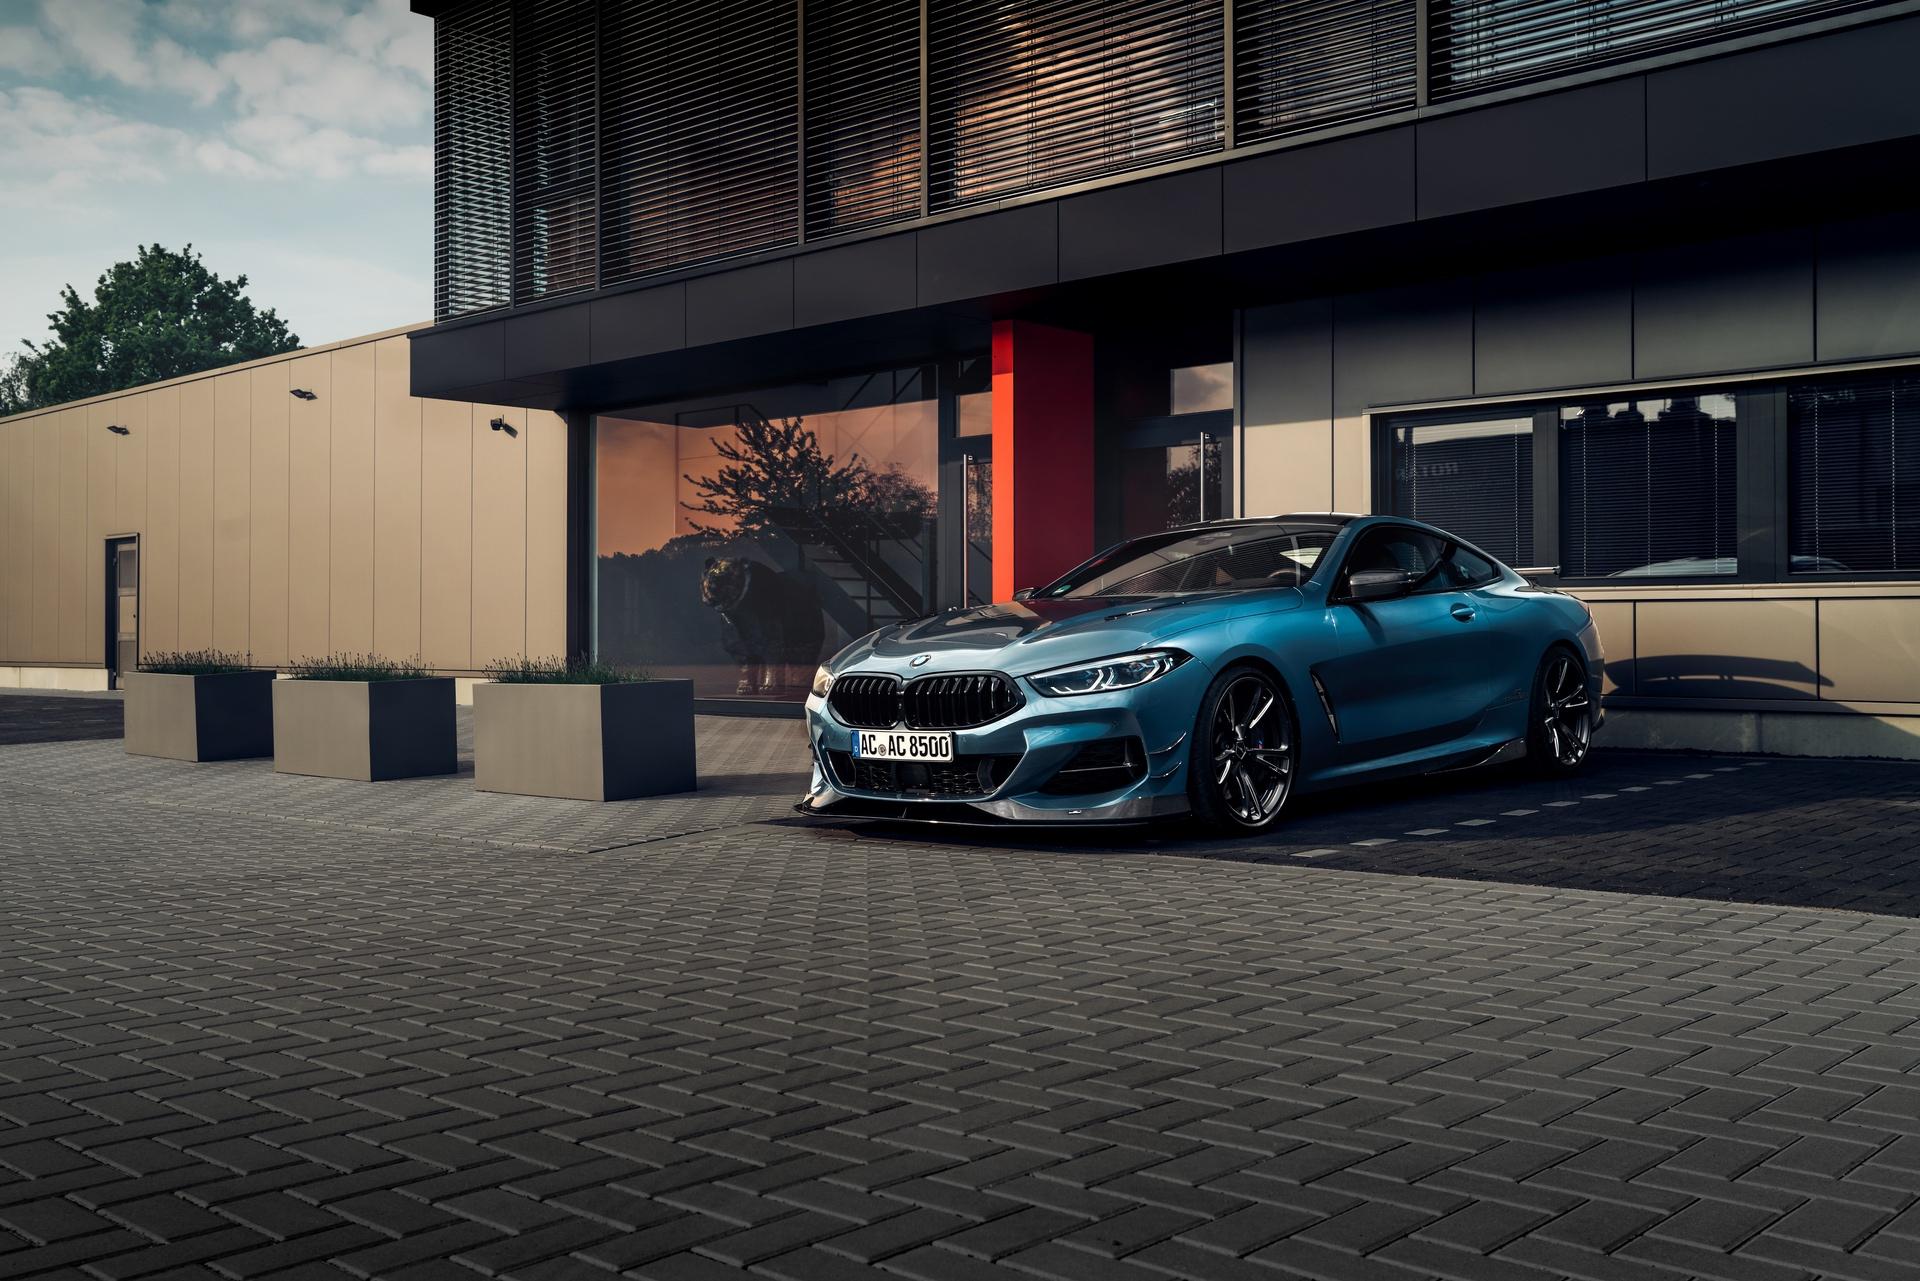 BMW_M850i_xDrive_by_AC_Schnitzer_0002